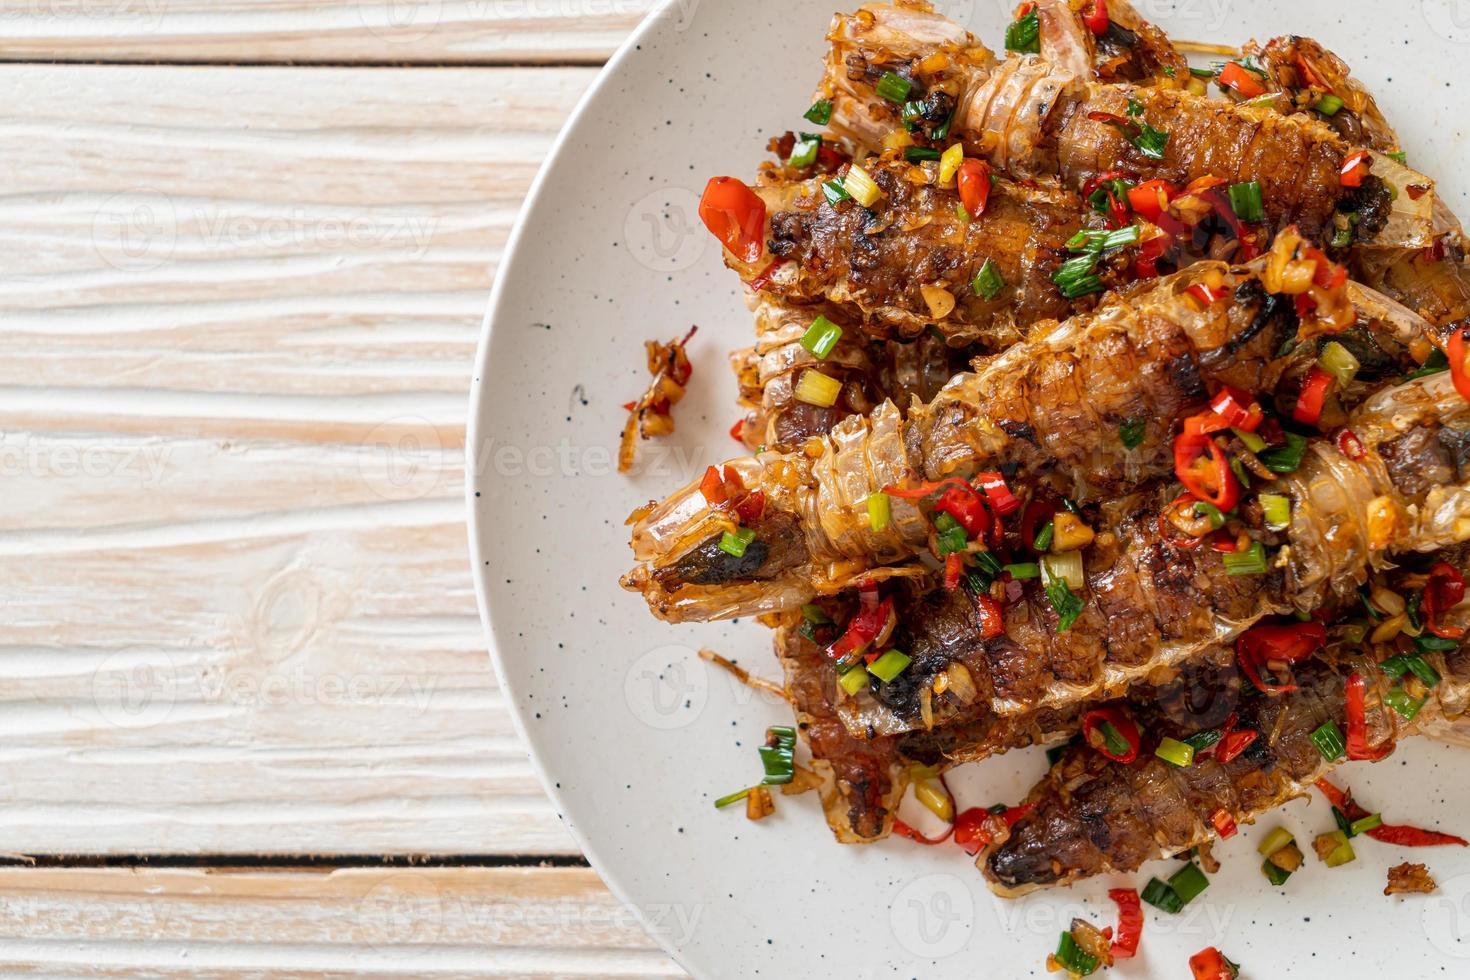 crevettes mantis ou écrevisses sautées avec piment et sel photo